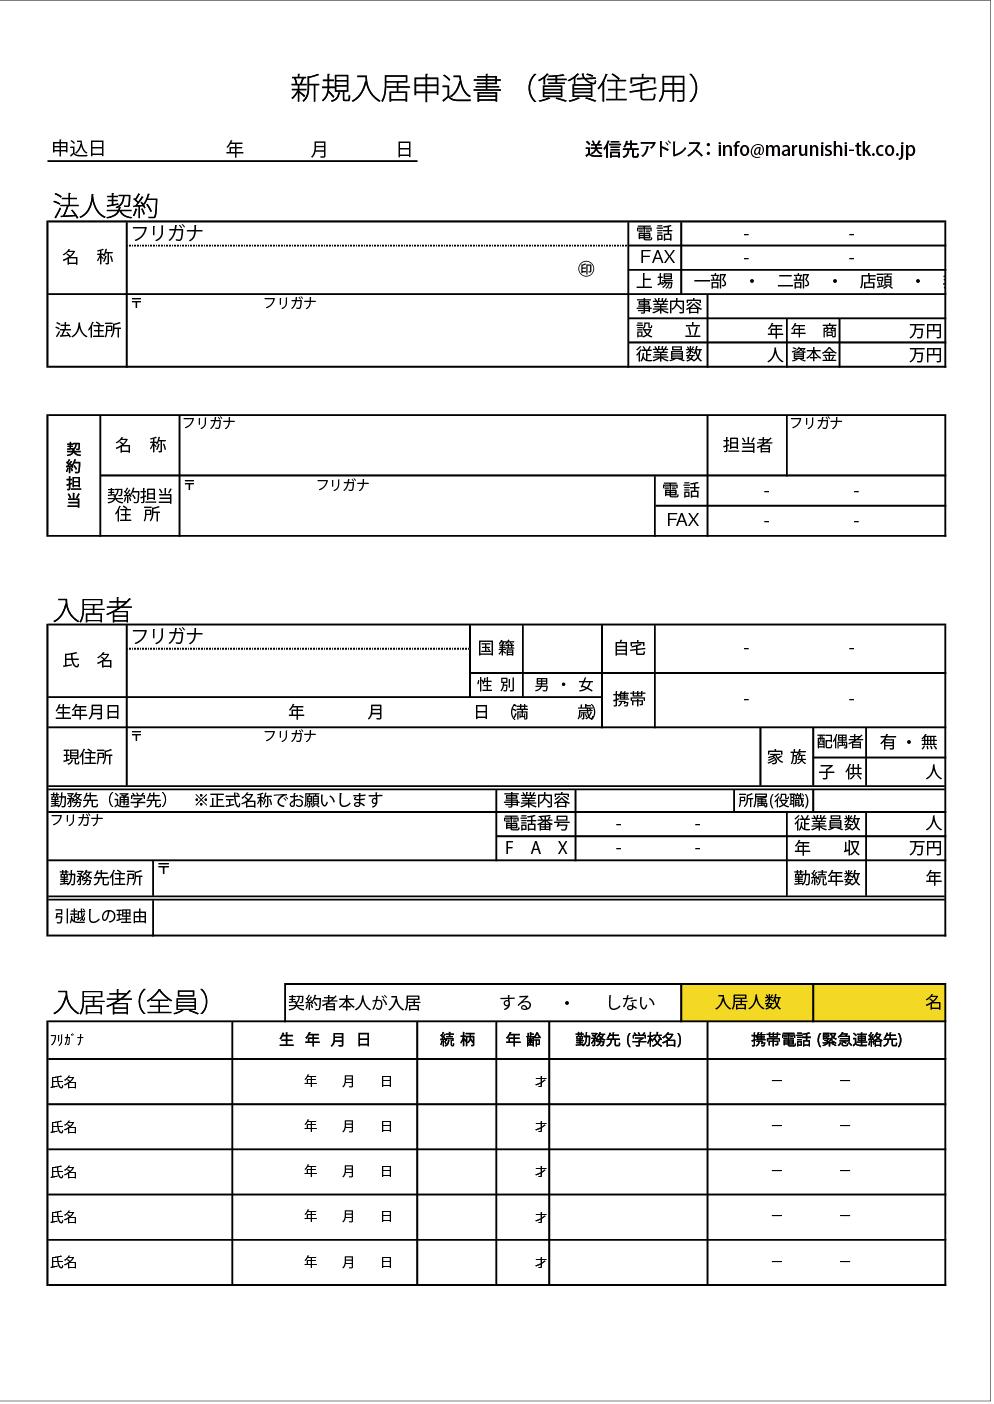 Corporation-01-4